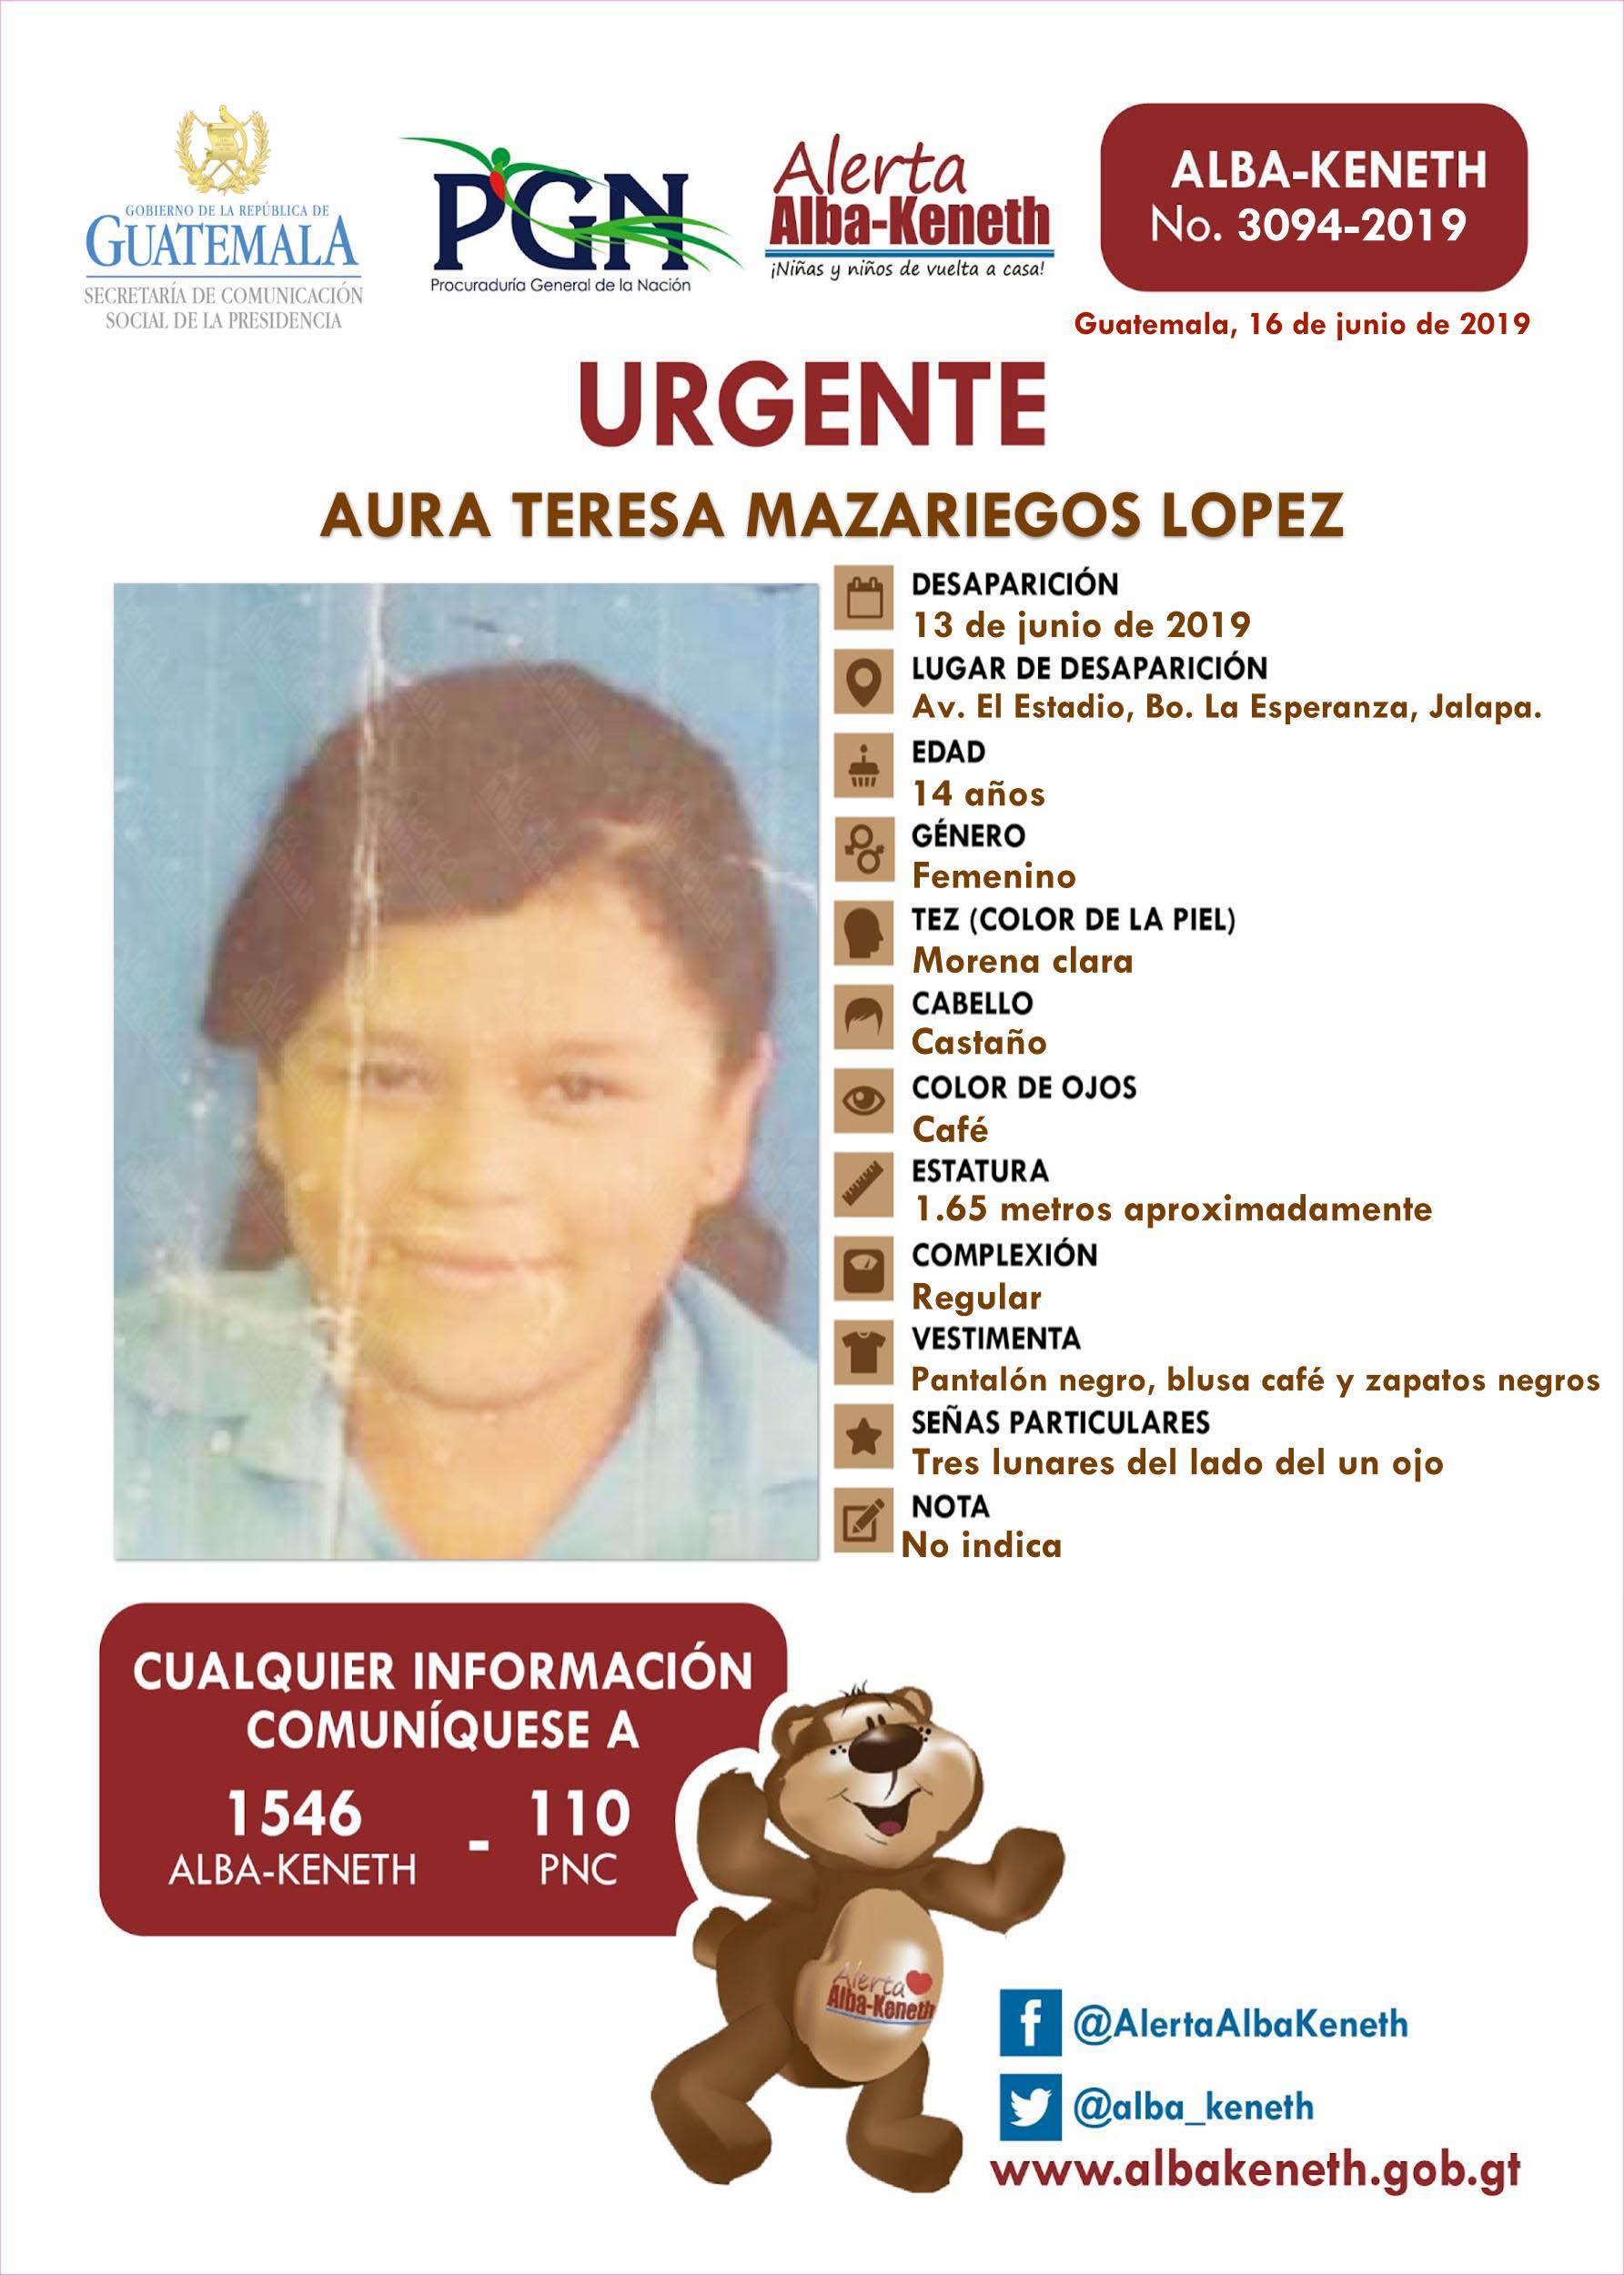 Aura Teresa Mazariegos Lopez